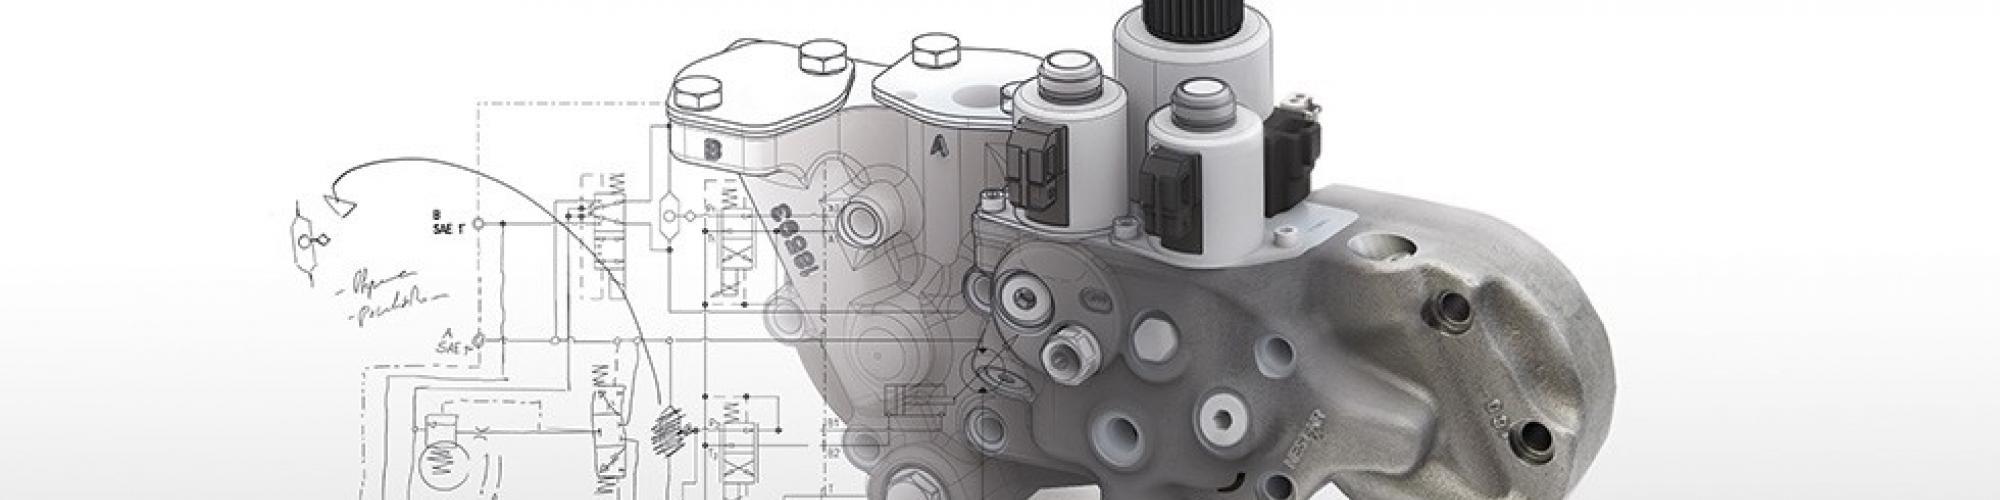 Bucher Hydraulics GmbH